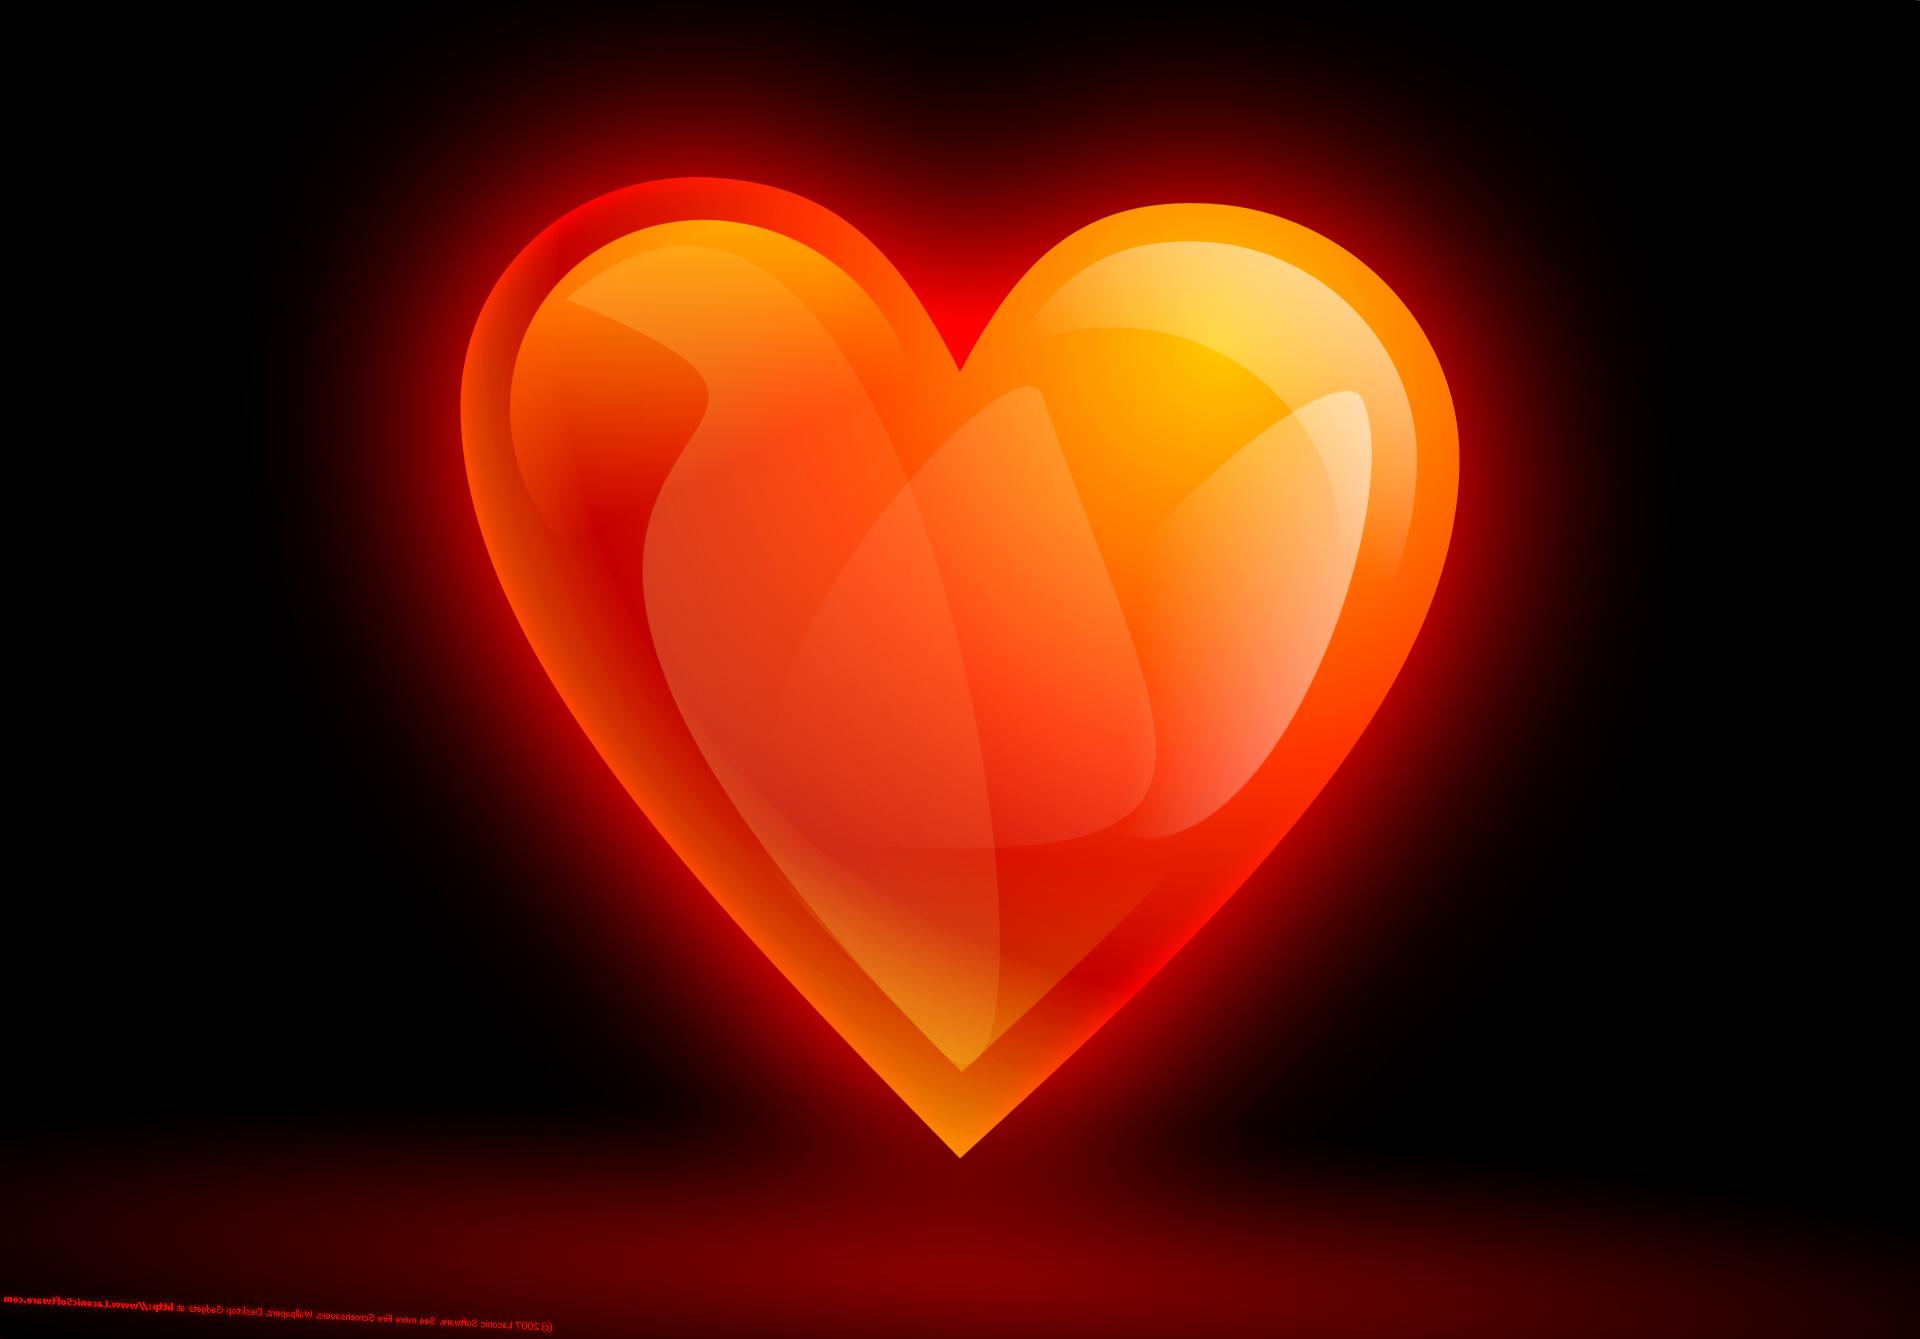 Hintergrundbilder Liebe Herz Orange Valentinstag Mehrfarbig